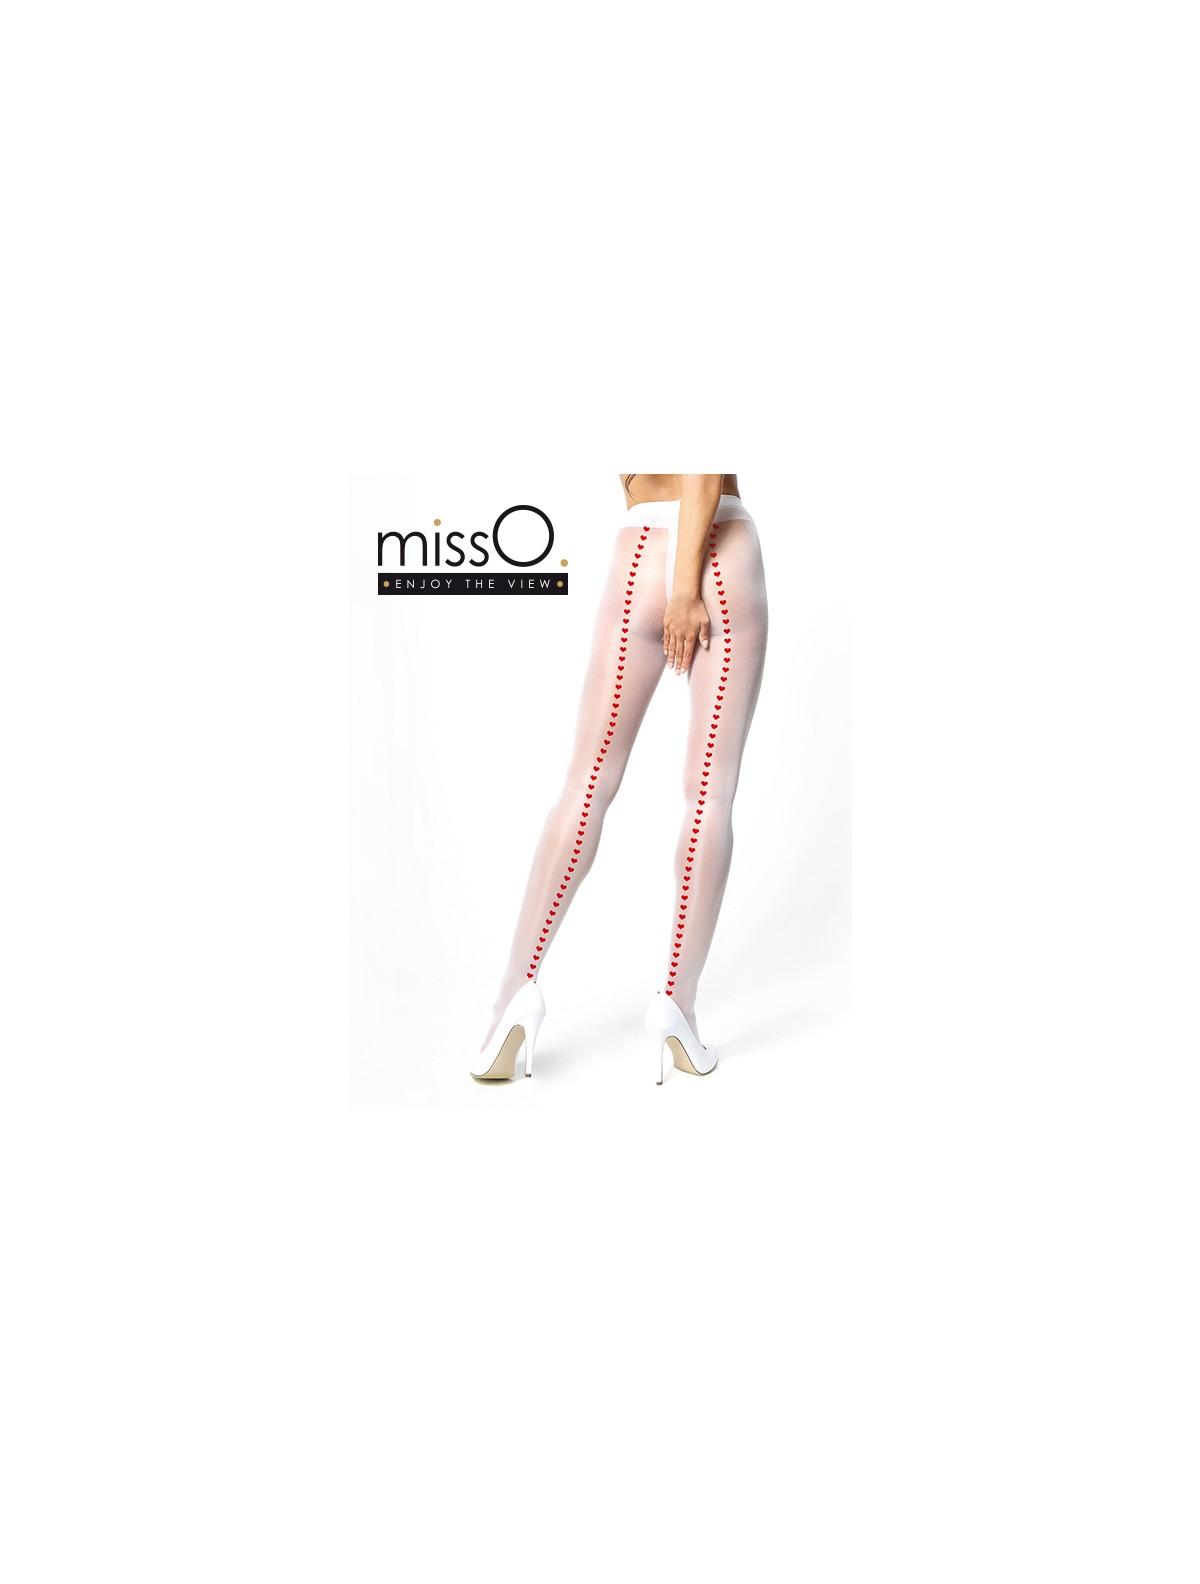 Qualitätsprodukte hohe Qualität kostengünstig MissO Ouvert weiße Strumpfhose mit Herzchen-Naht